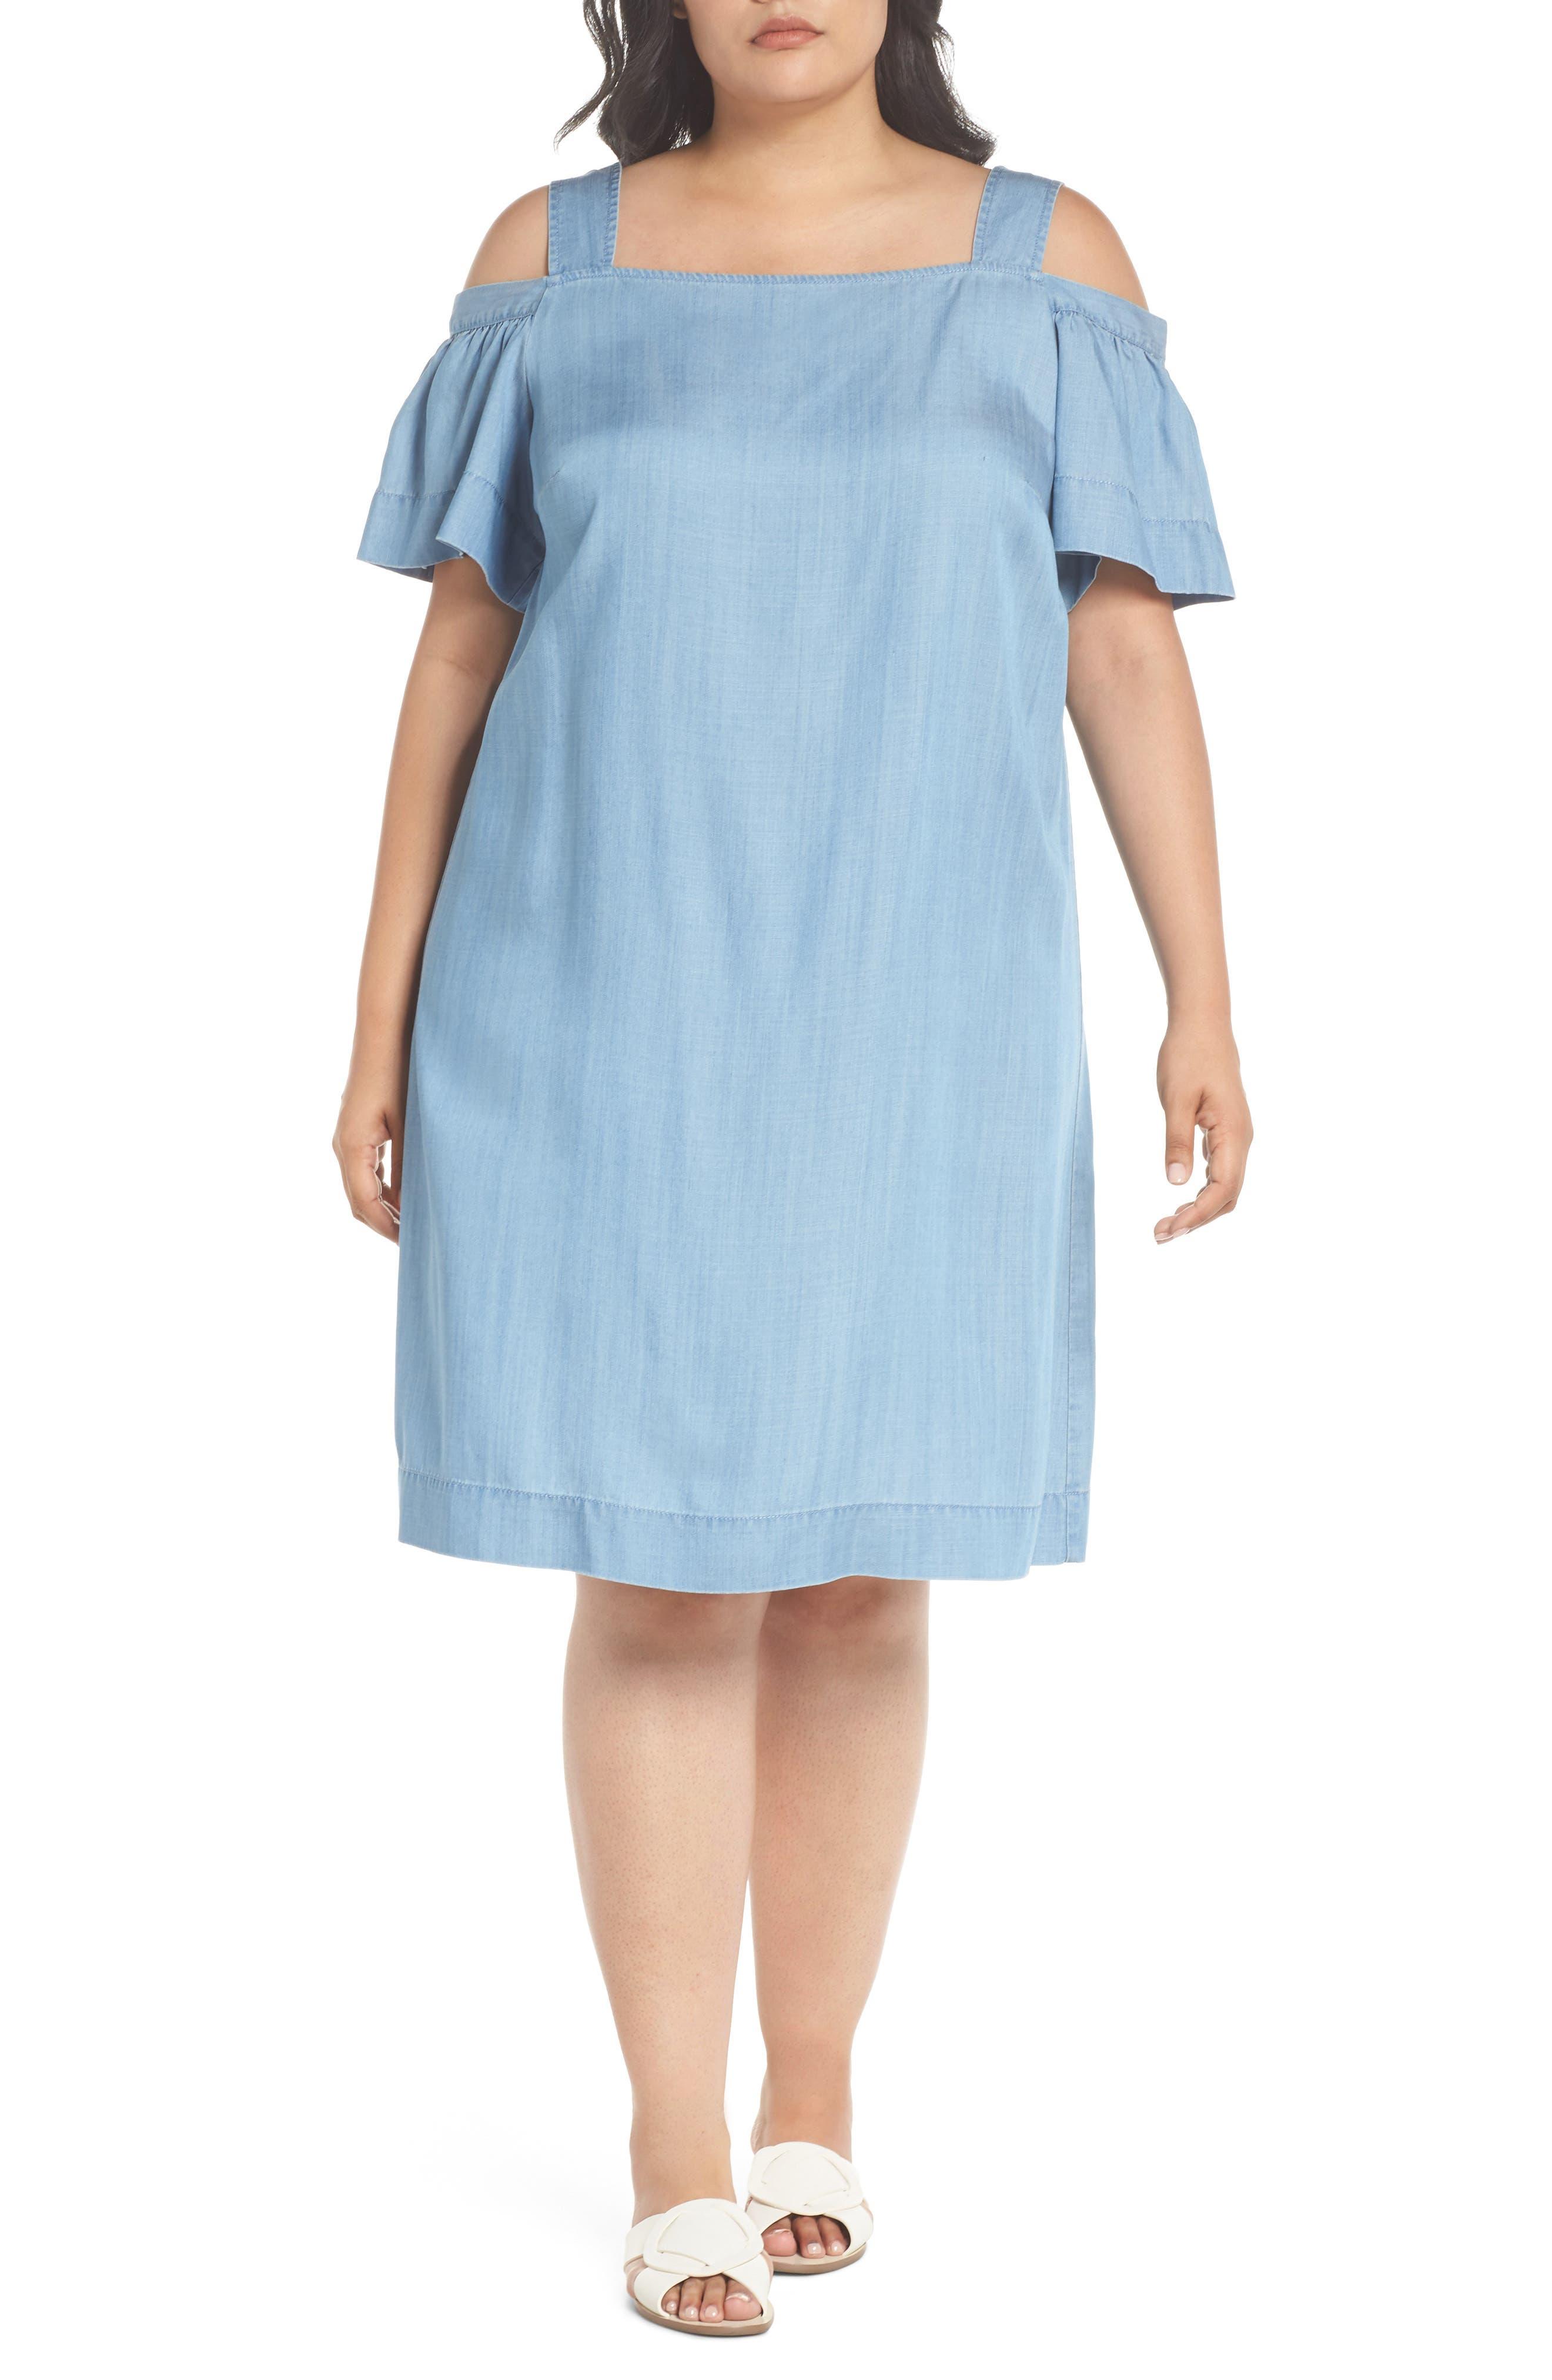 Ruffle Cold Shoulder Chambray Dress,                             Main thumbnail 1, color,                             400